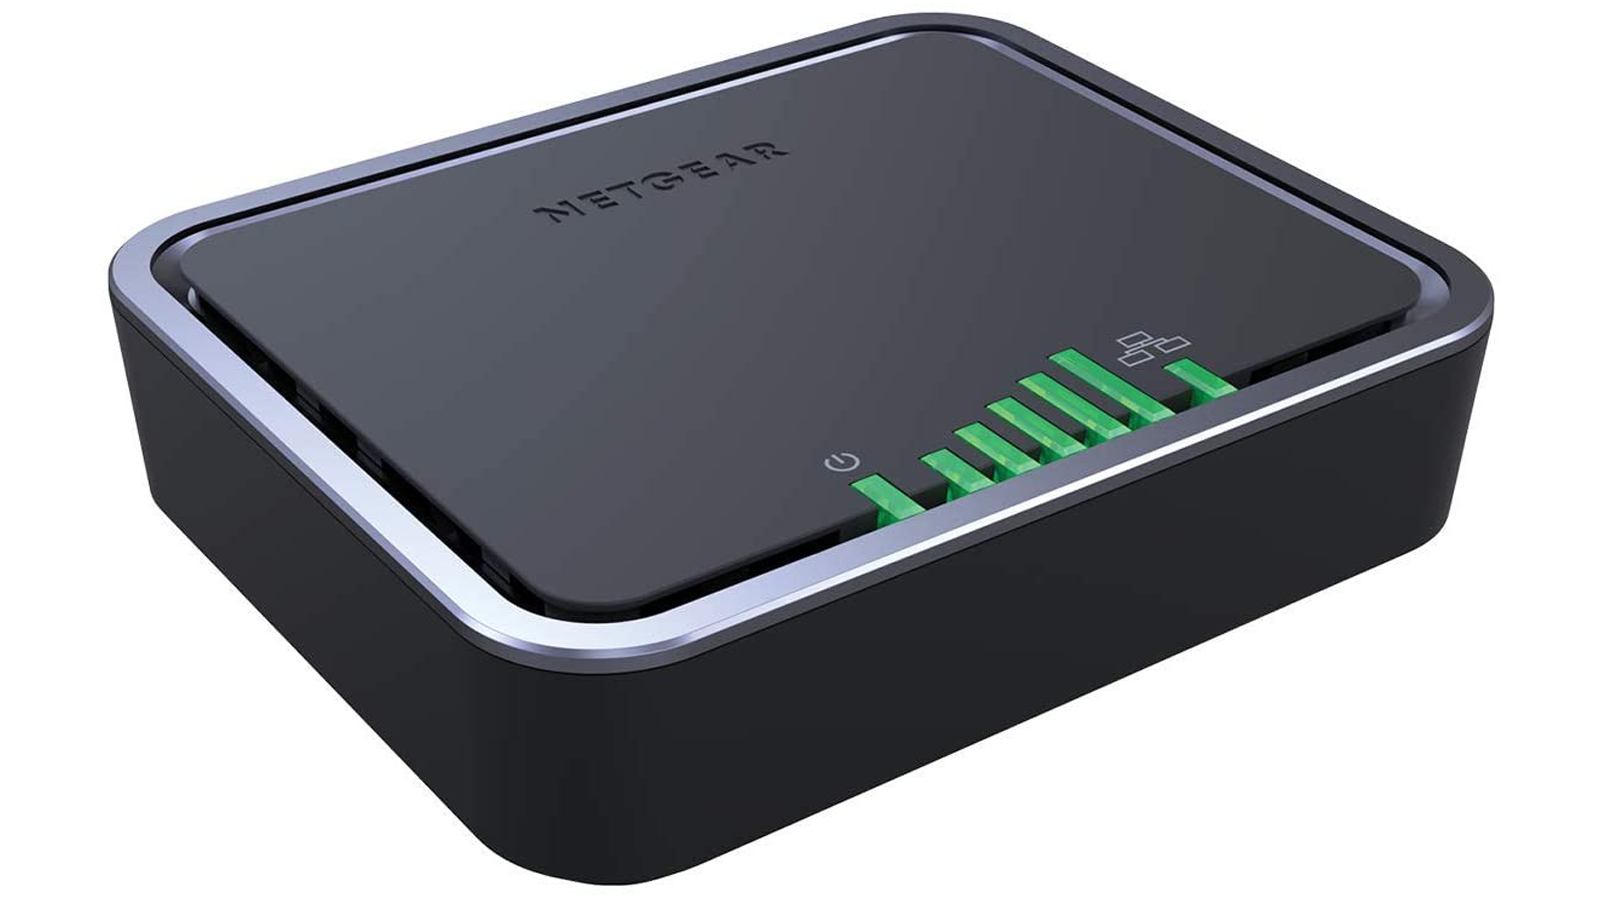 NETGEAR 4G LTE Broadband Modem best unlocked hotspot